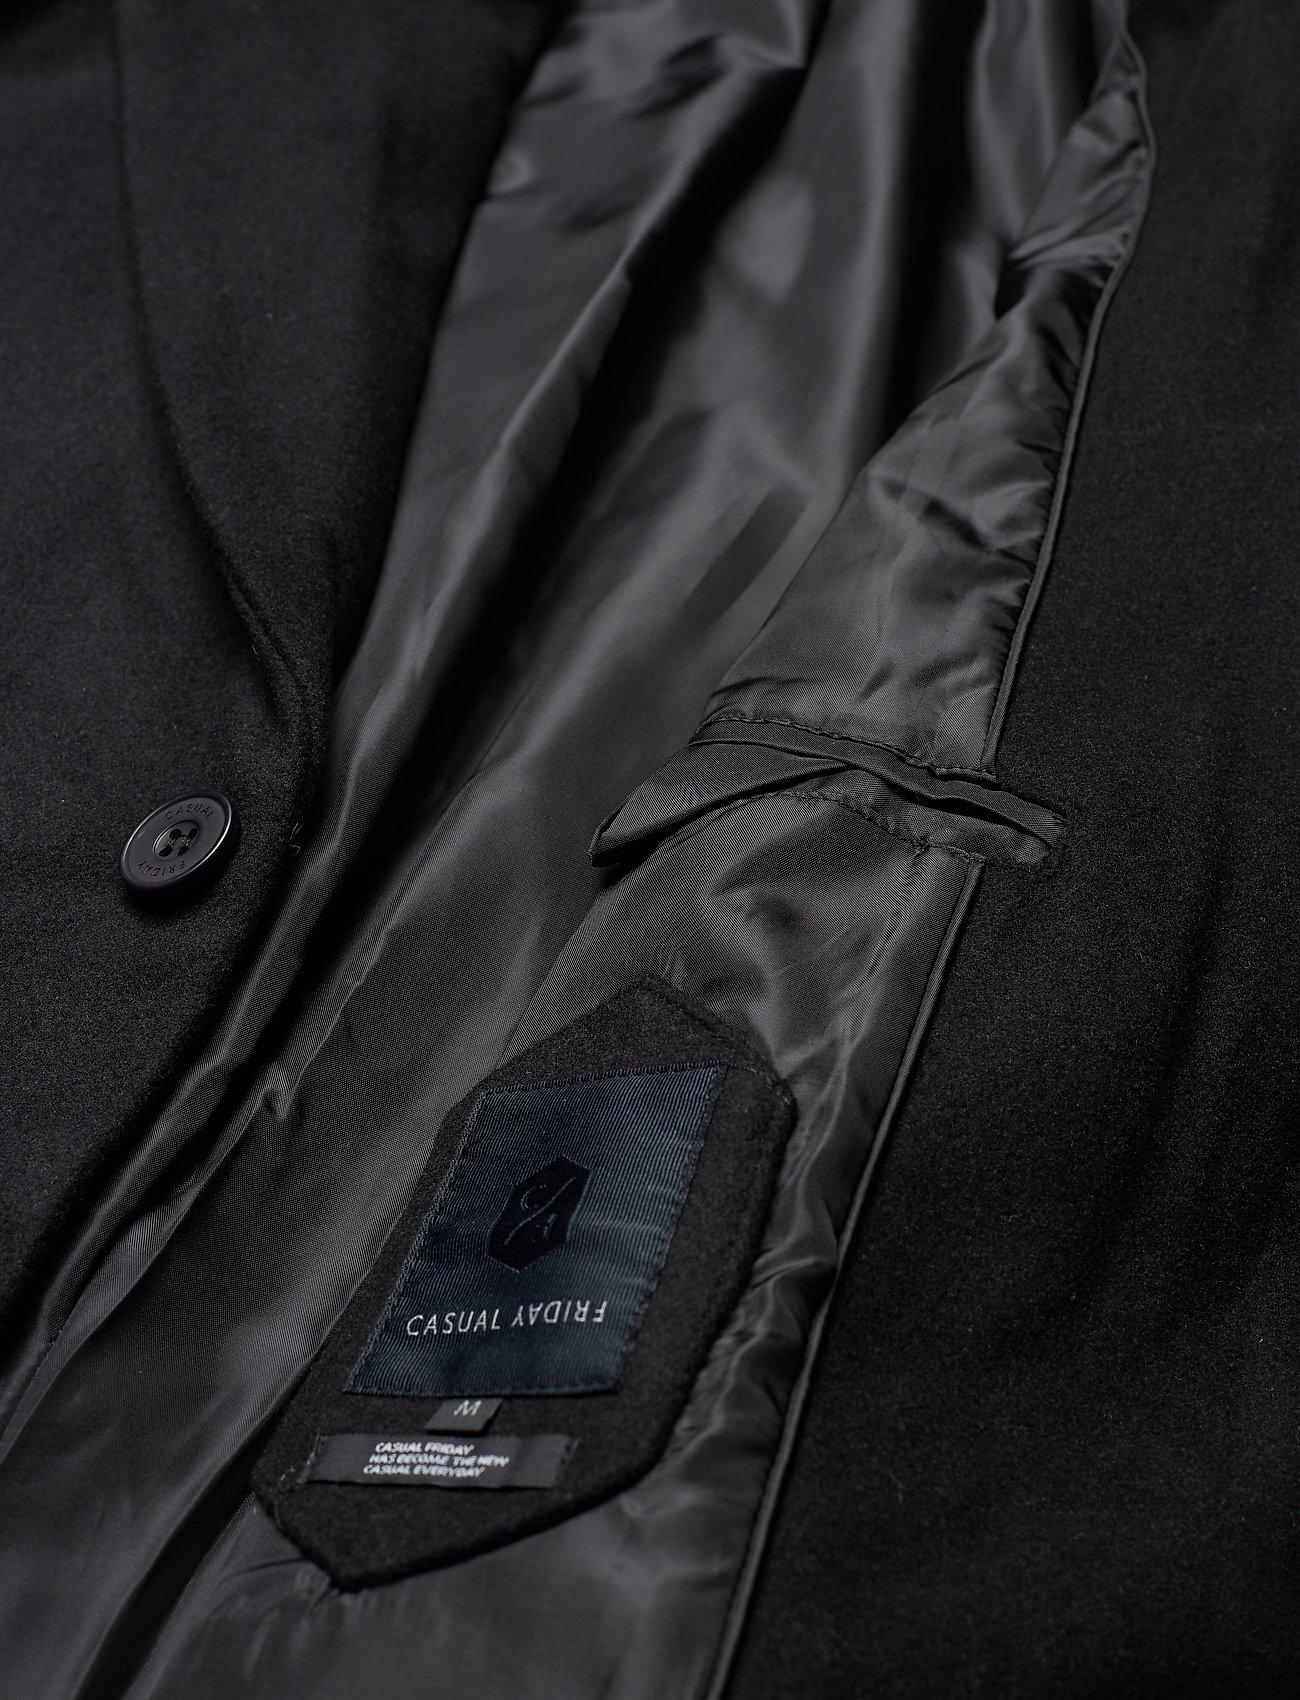 Casual Friday Outerwear - Jakker og frakker BLACK - Menn Klær